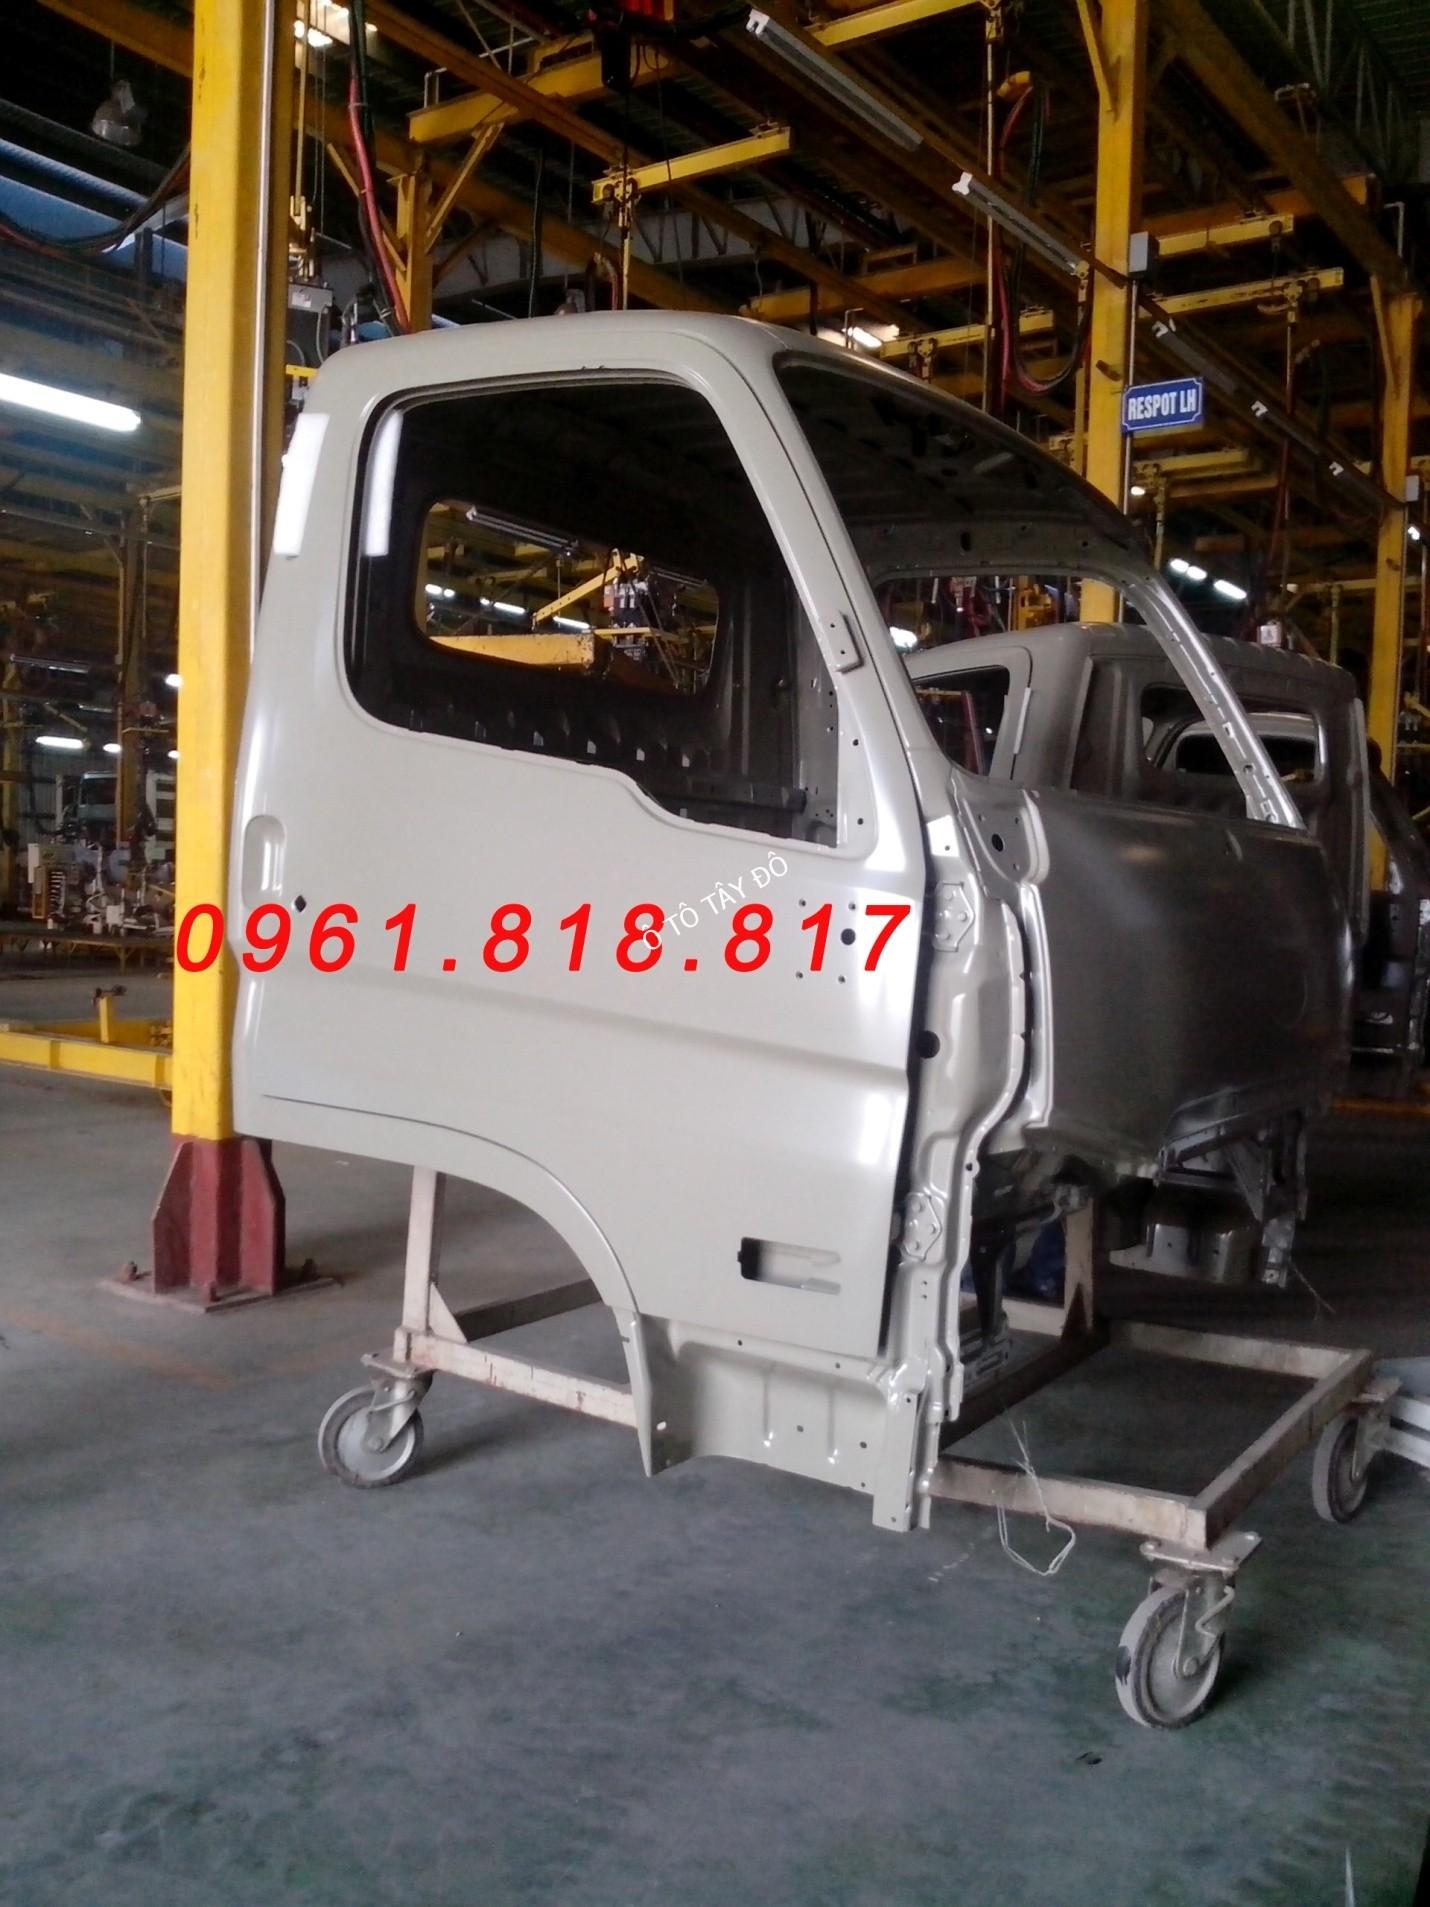 HD700 ĐỒNG VÀNG 8,3 TẤN. Giá xe Hyundai CKD HD600, HD700, HD800, Hyundai chính hãng 5 7 8 tấn. Giá cực tốt, xe giao ngay Ảnh số 40274261